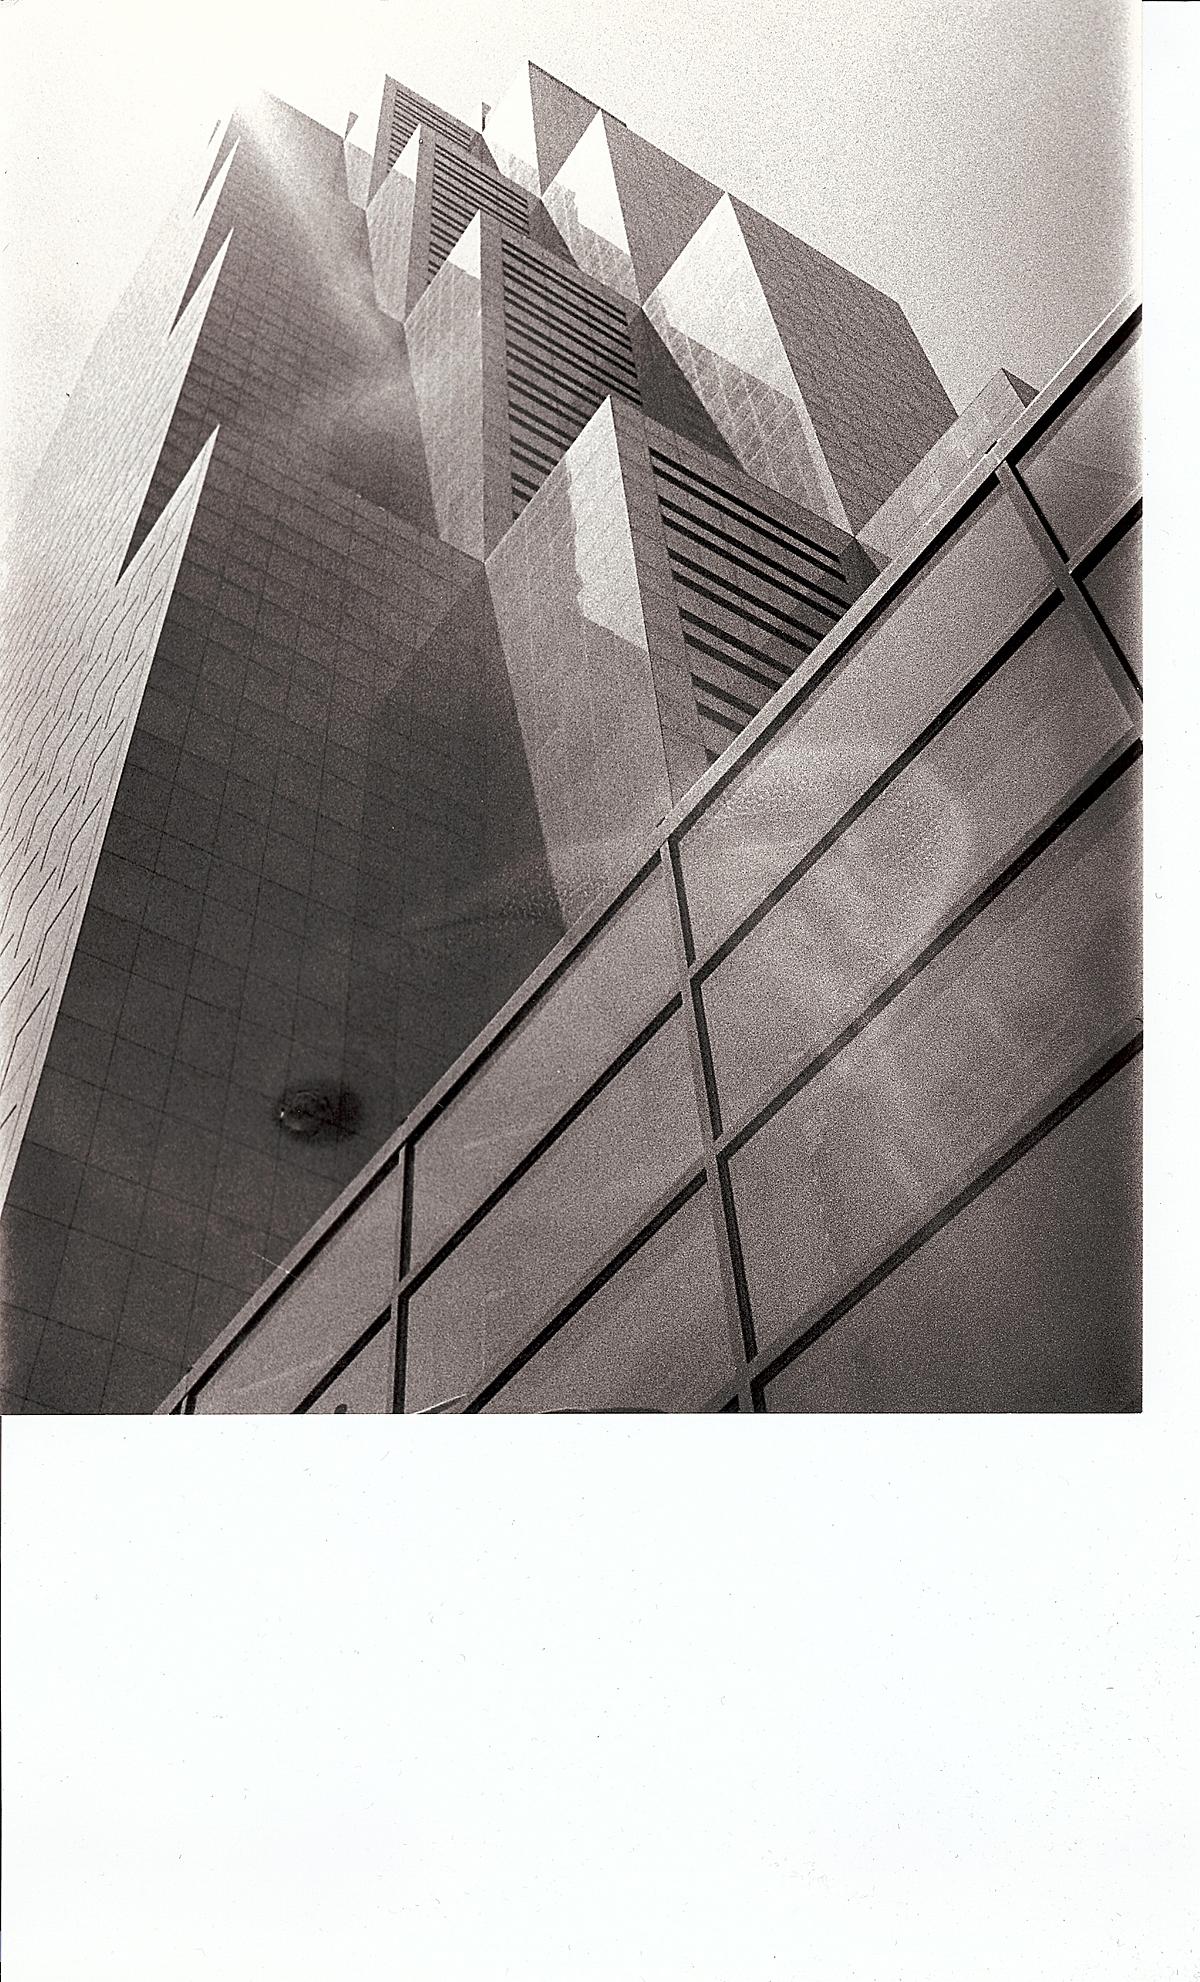 SOM - Corporate Tower and Ancillary Facility, Atlanta GA